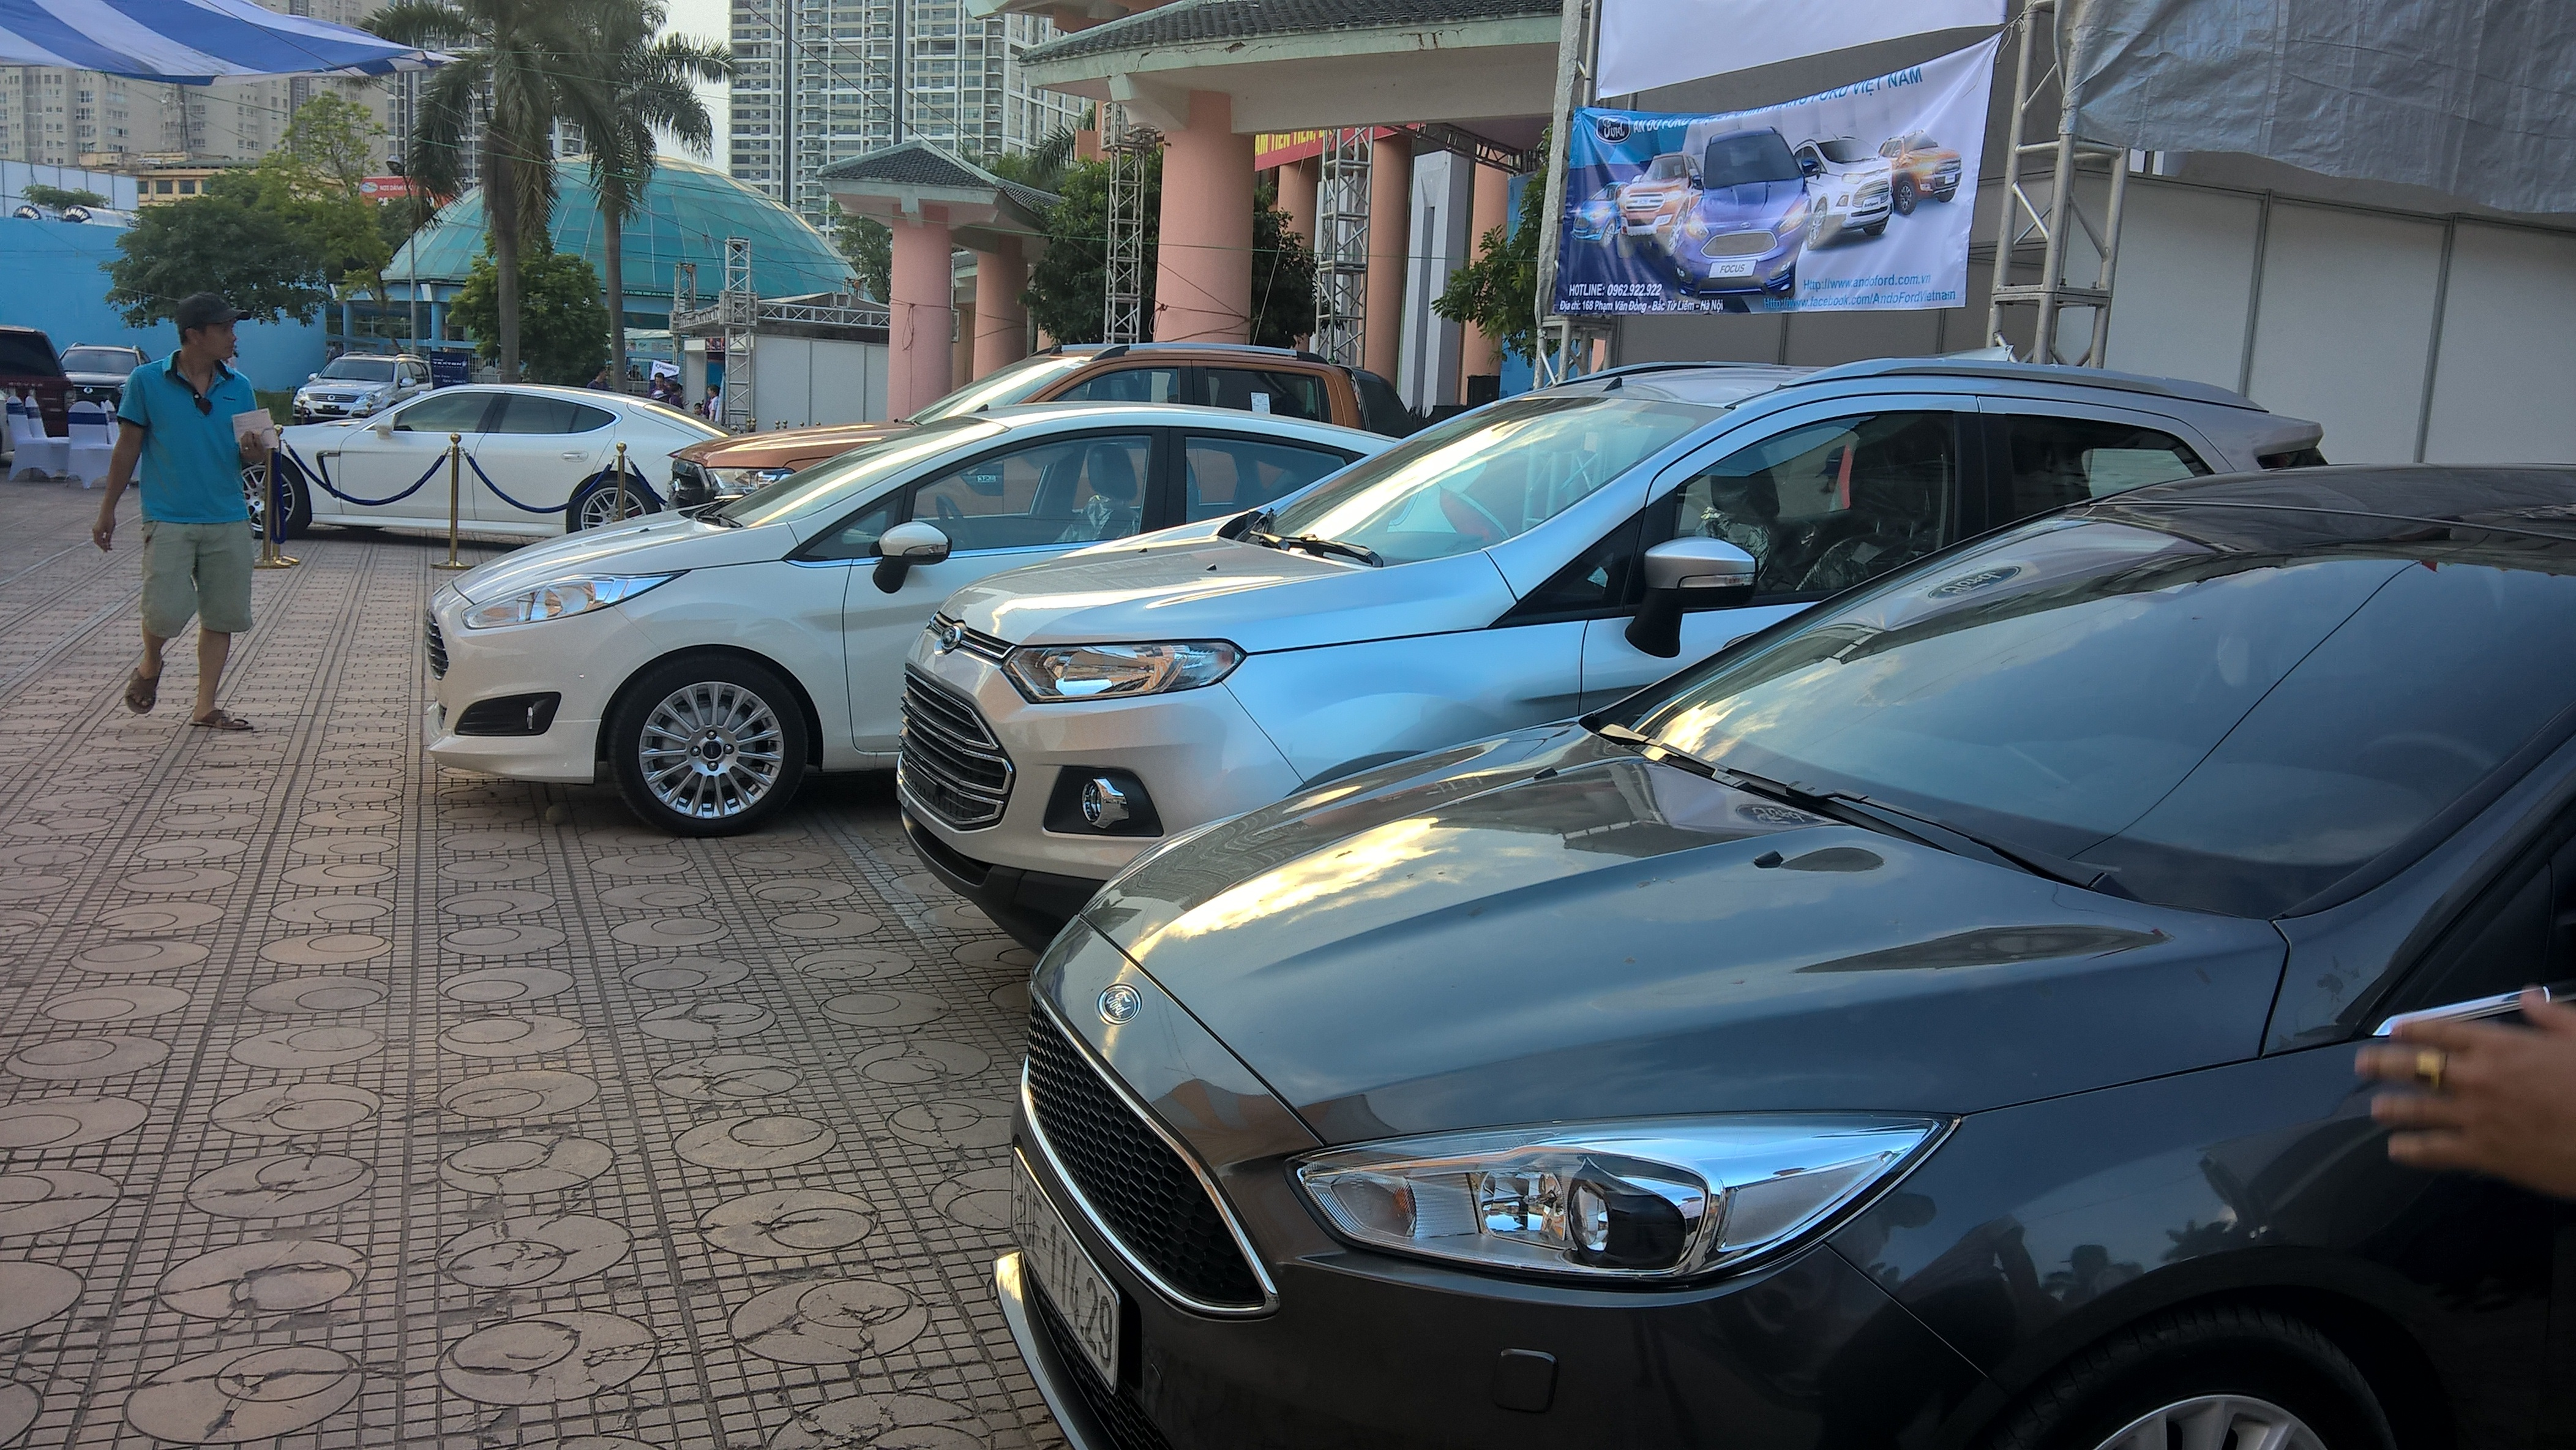 Các xe cũ tại đây được bán trực tiếp từ các chủ nhân có xe, người mua trực tiếp xem, test xe và kiểm tra rồi xuống giá